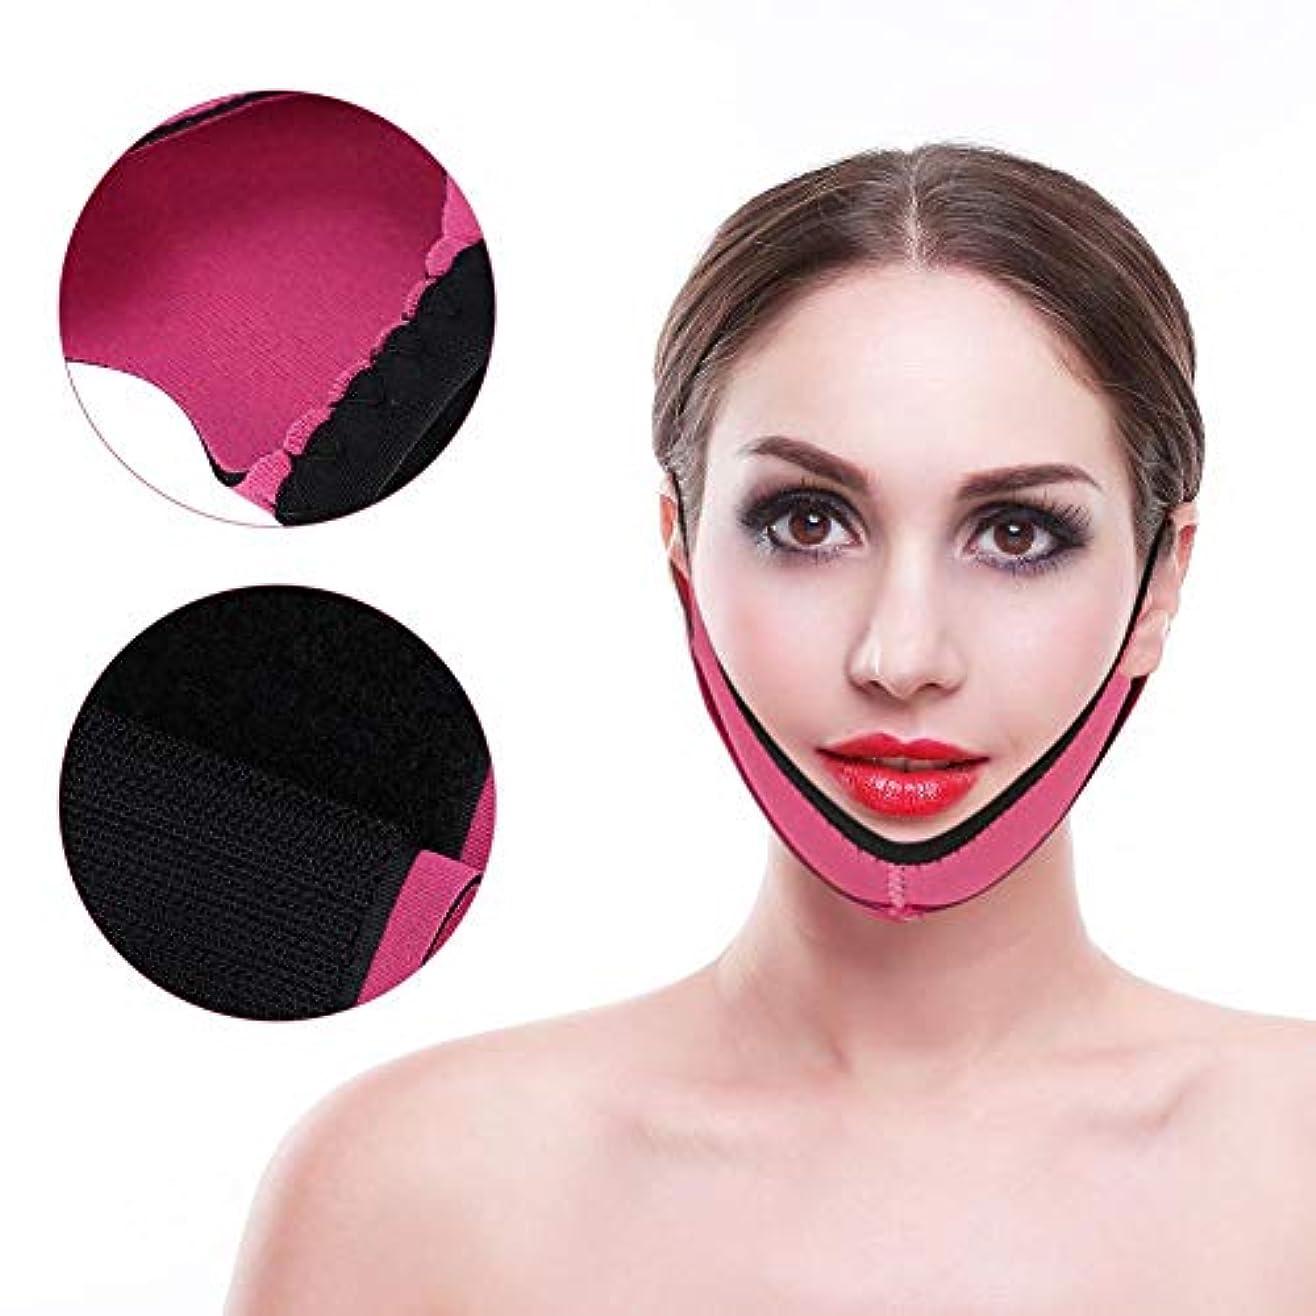 ルアー捧げる測定可能Vフェイスラインベルト、超薄型ストラップバンドVフェイスラインベルトは、二重あごと顔面筋の弛緩を効果的に改善します。